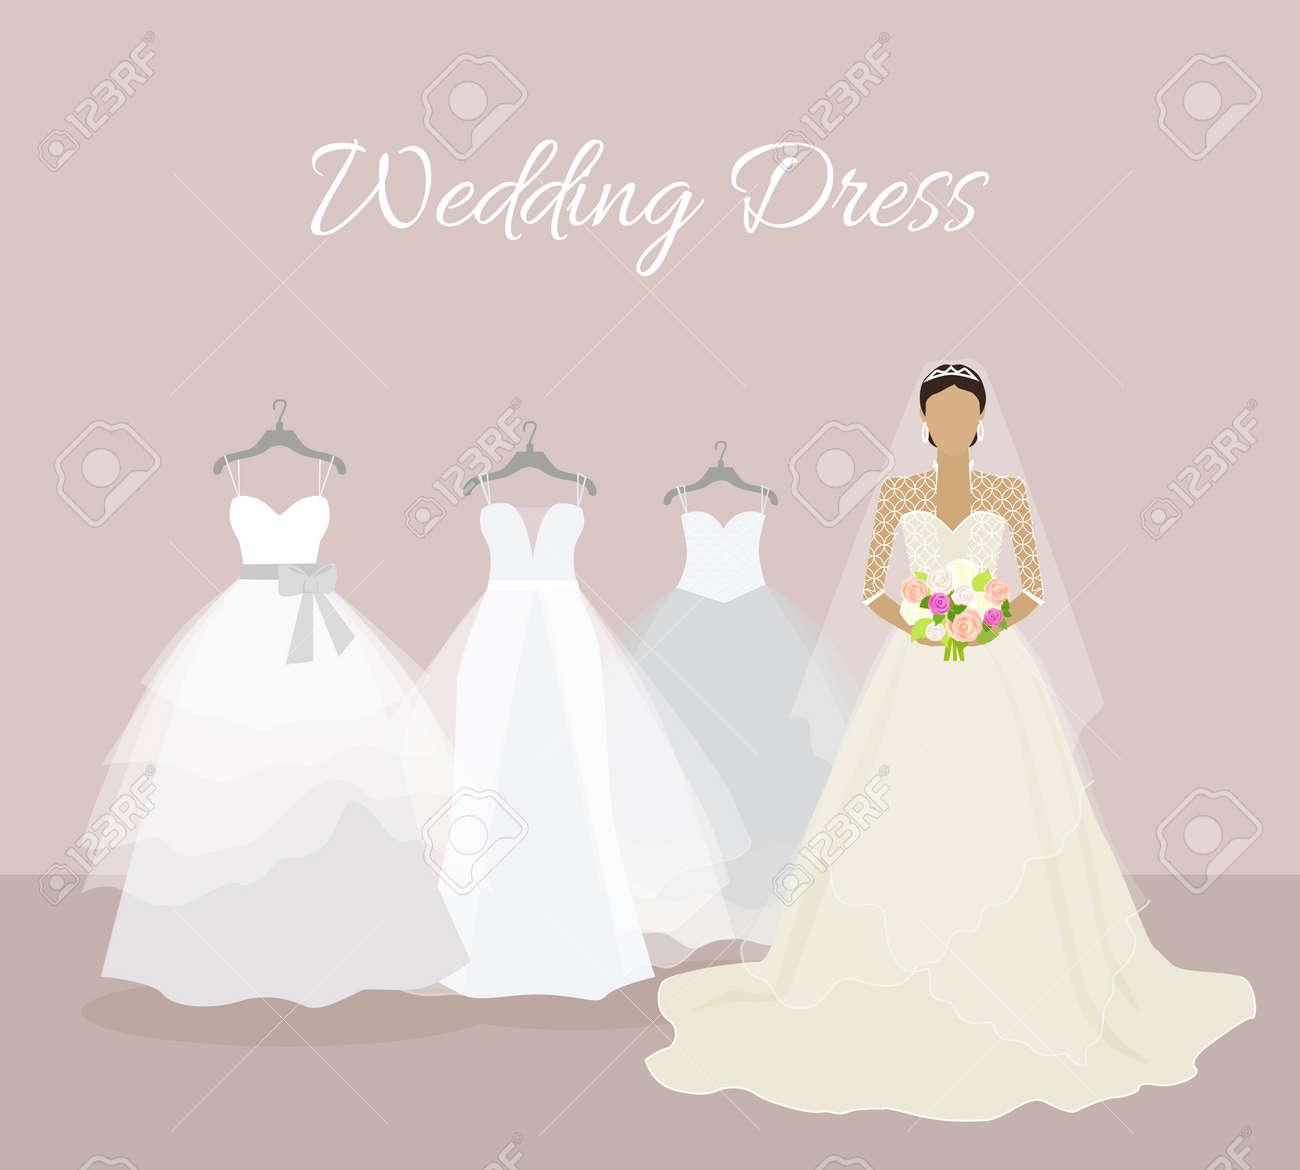 結婚式ドレスのバナーです。おしゃれな花嫁のウェディング  ドレスを選択します。お祝いとシャワー、ファブリック、休日、ブティックと結婚、グラマー女性のコルセット着用、豪華な花束、姫。花嫁のドレス。